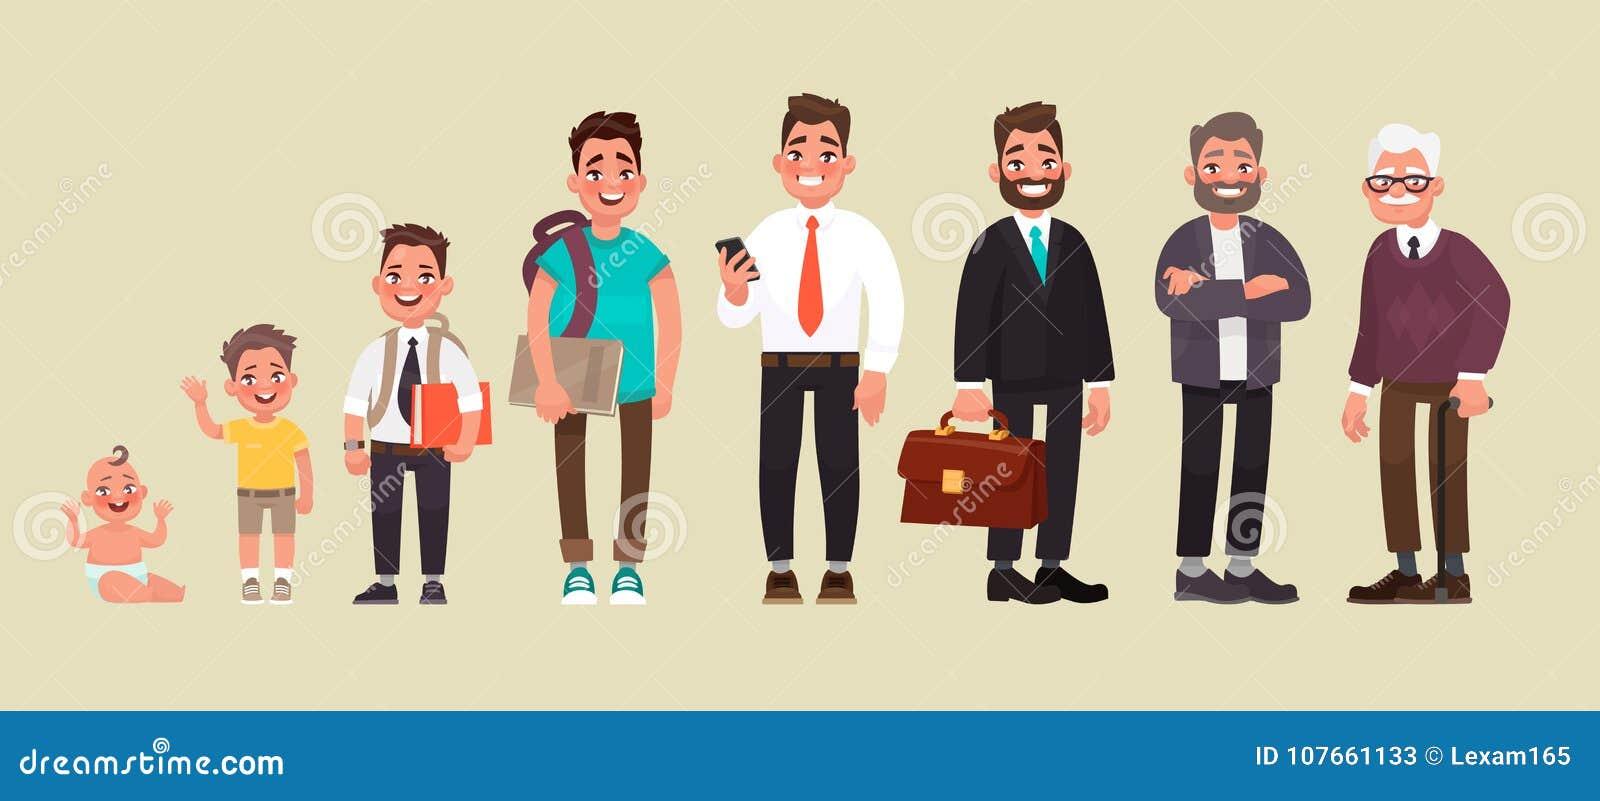 Carattere di un uomo nelle età differenti Un bambino, un bambino, un adolescente, un adulto, una persona anziana Il ciclo di vita